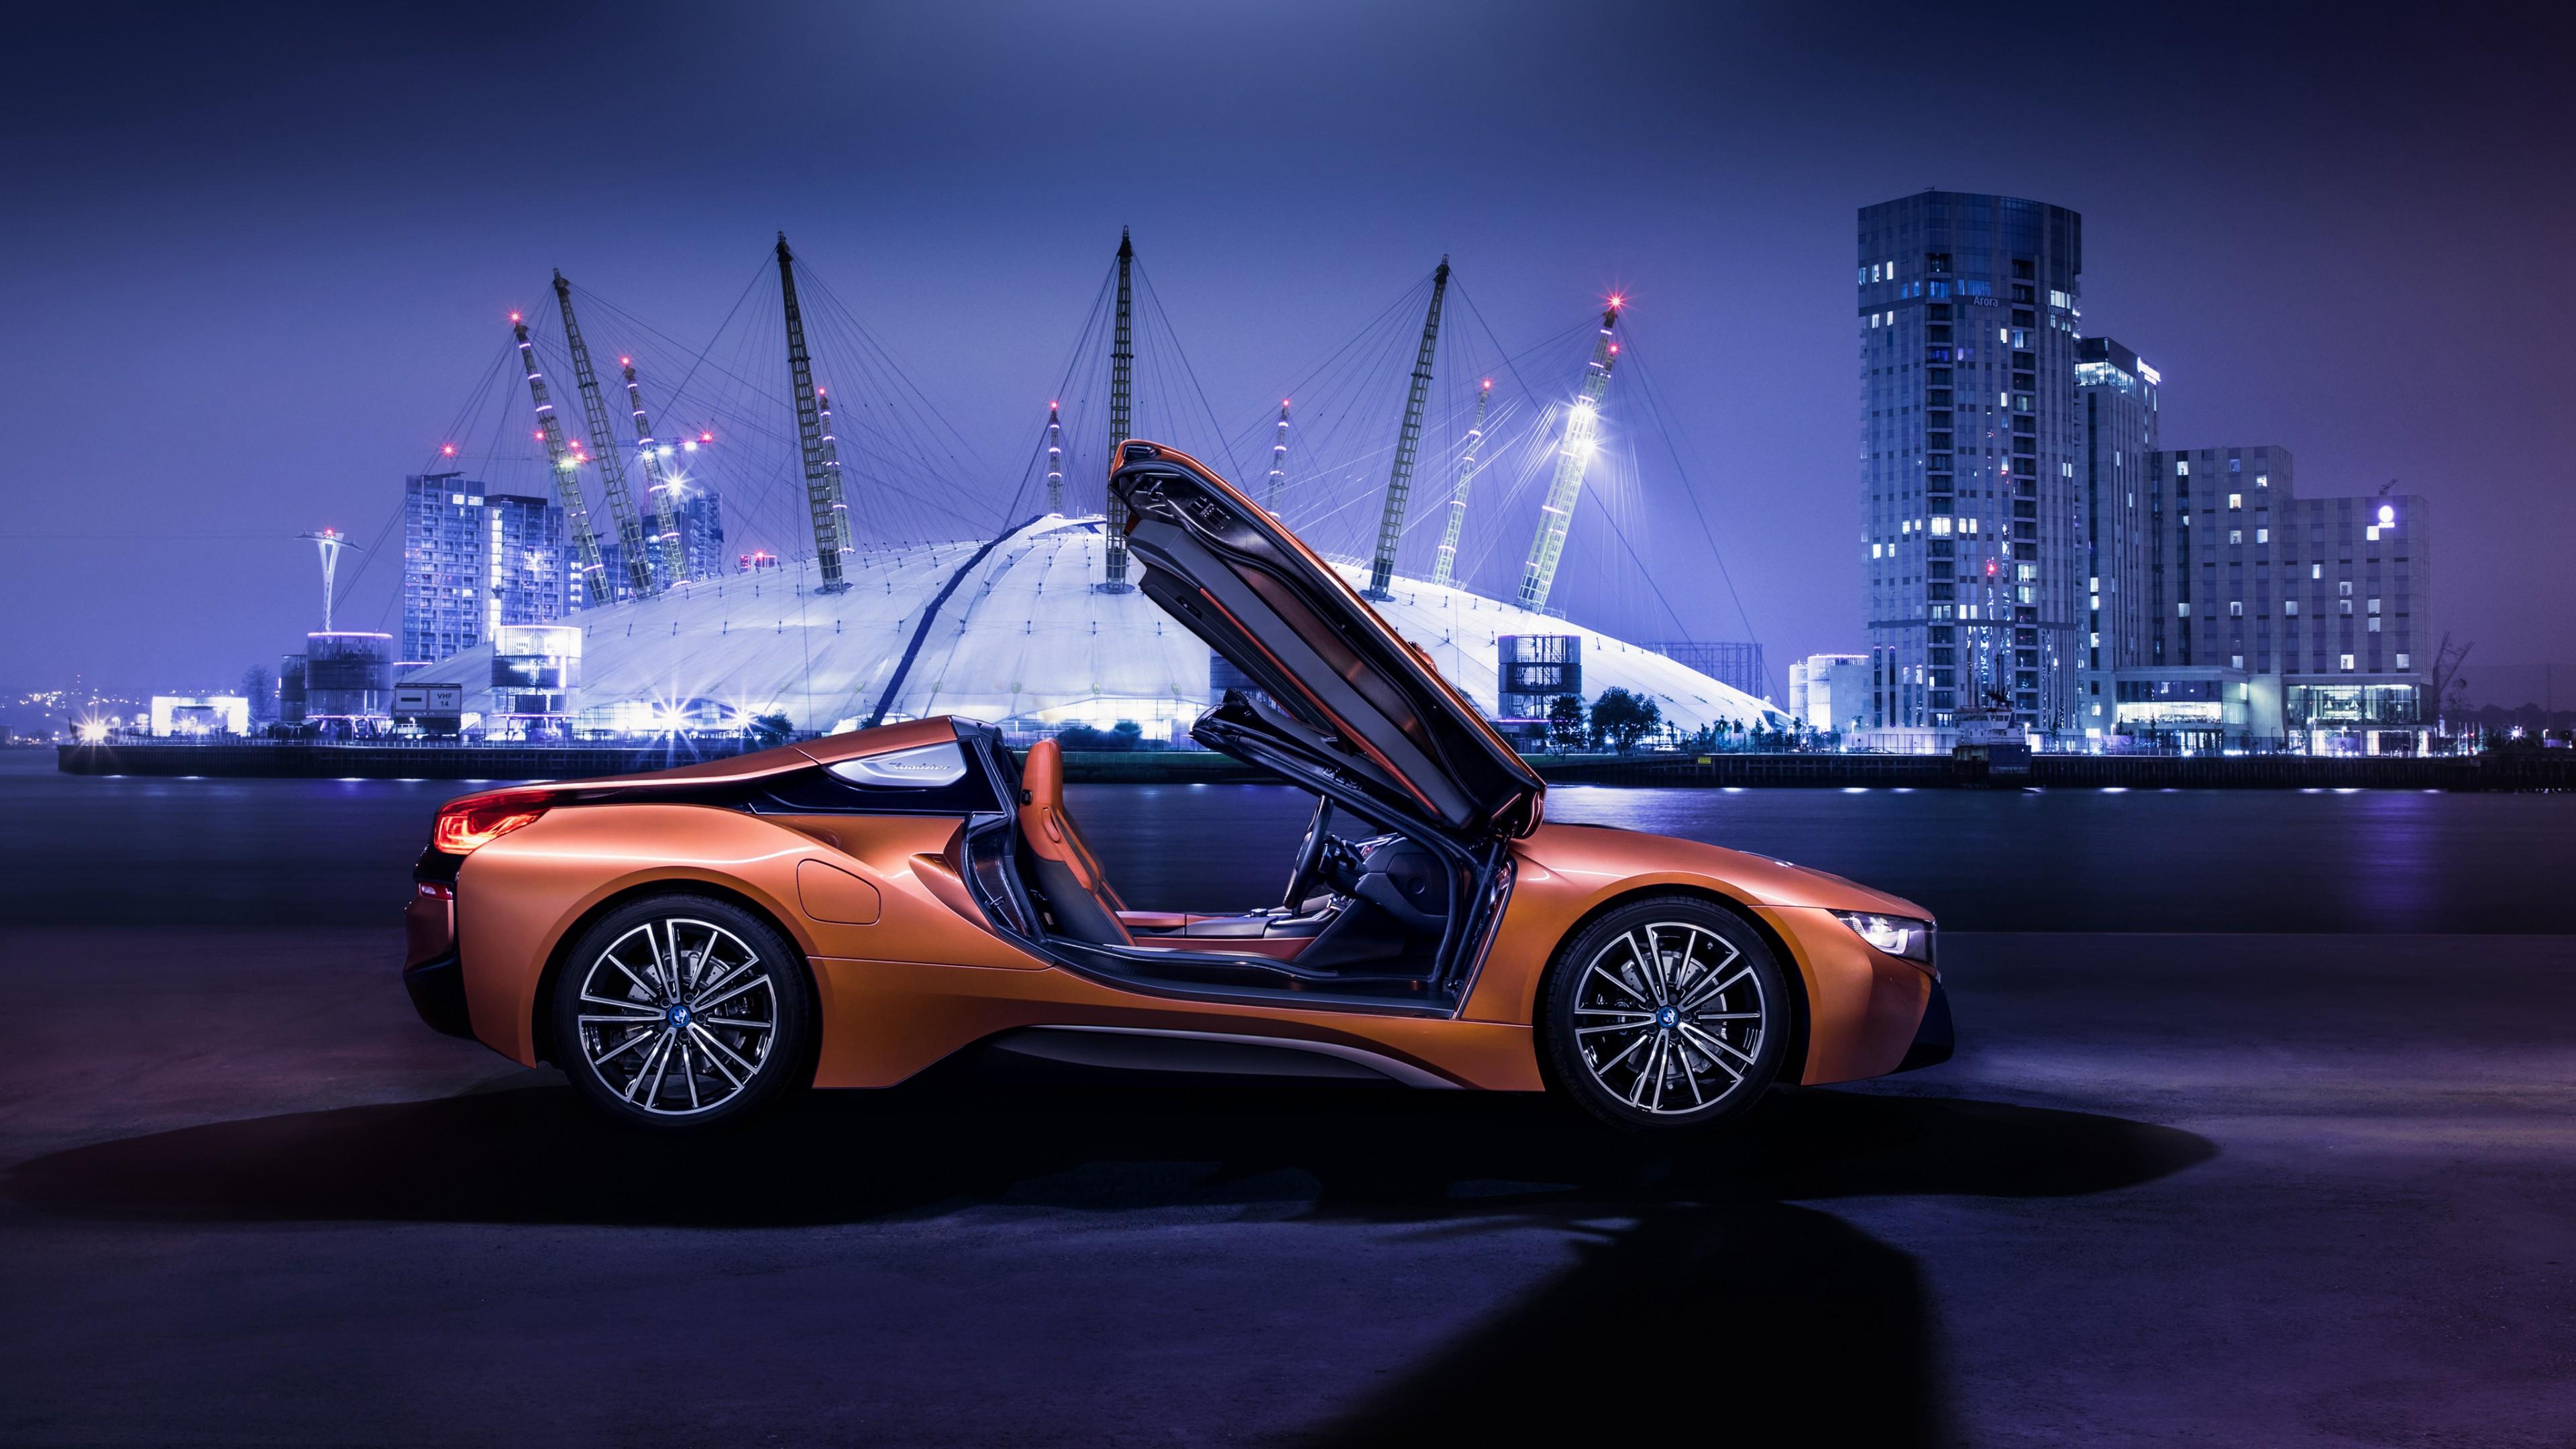 Спортивный оранжевый автомобиль с открытыми дверями в ночном городе